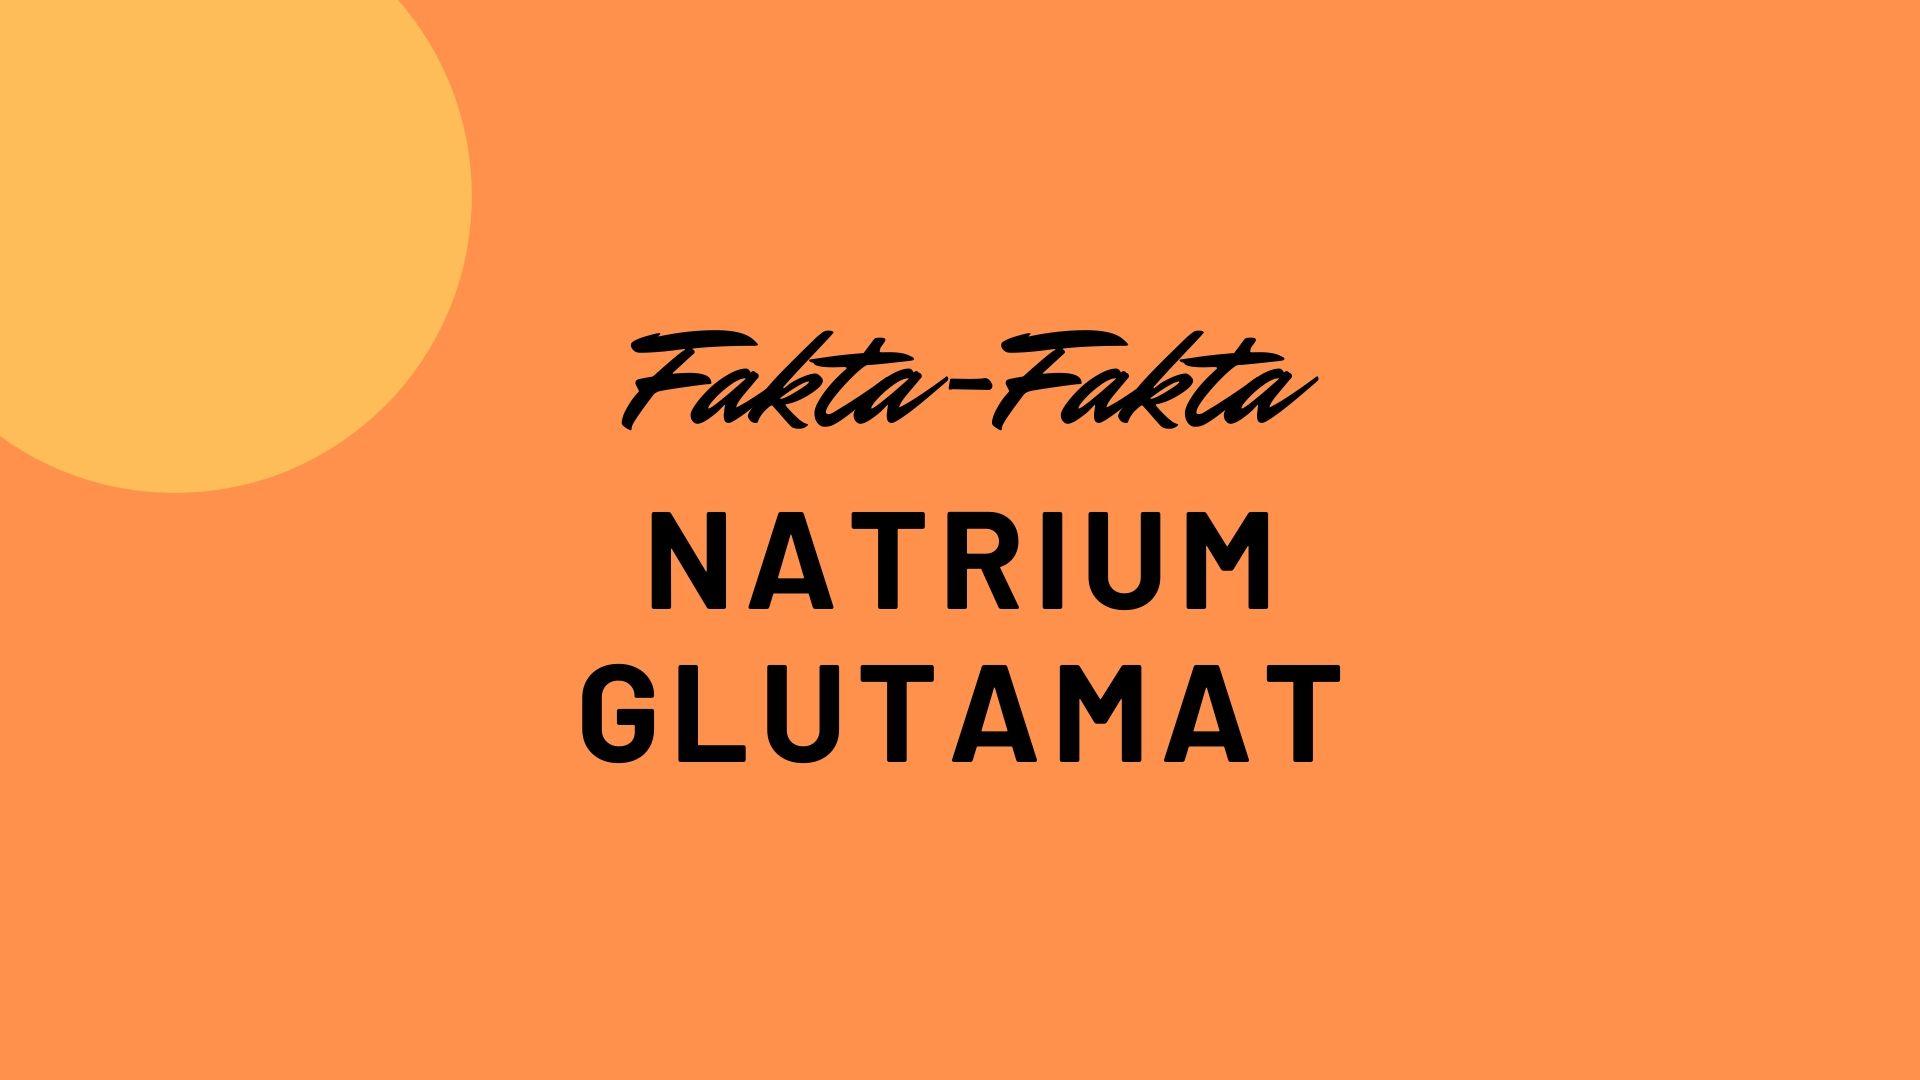 natrium glutamat